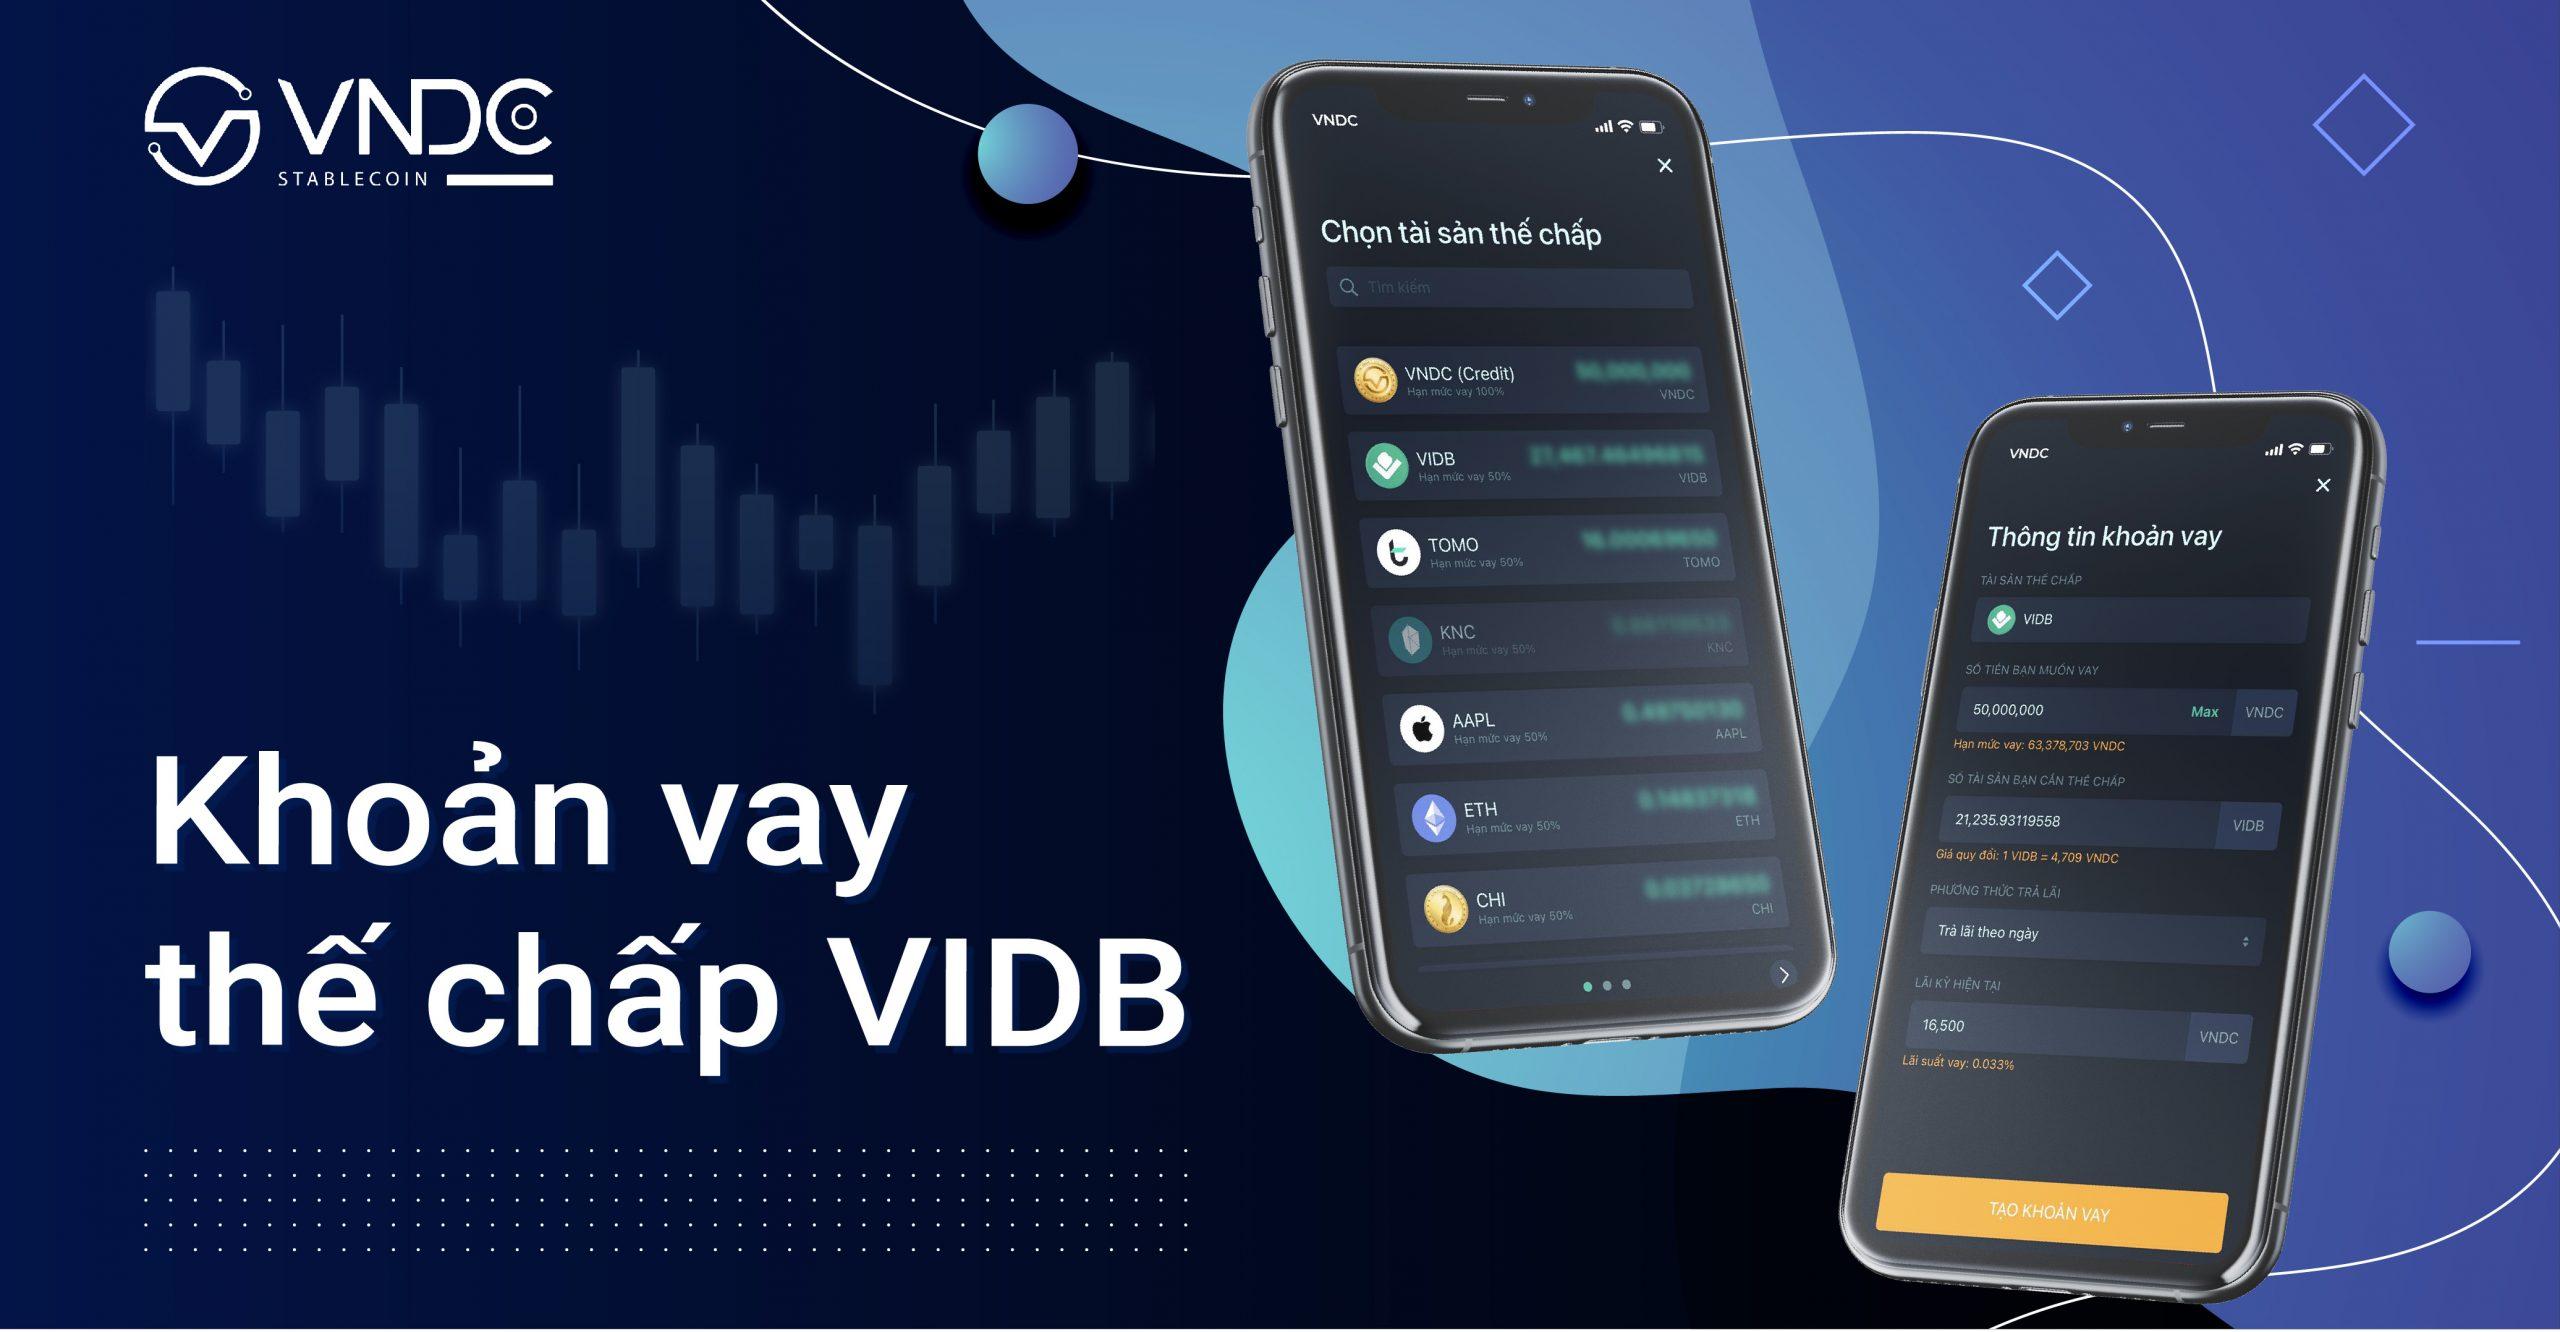 Sử dụng VIDB làm tài sản thế chấp để tạo khoản vay